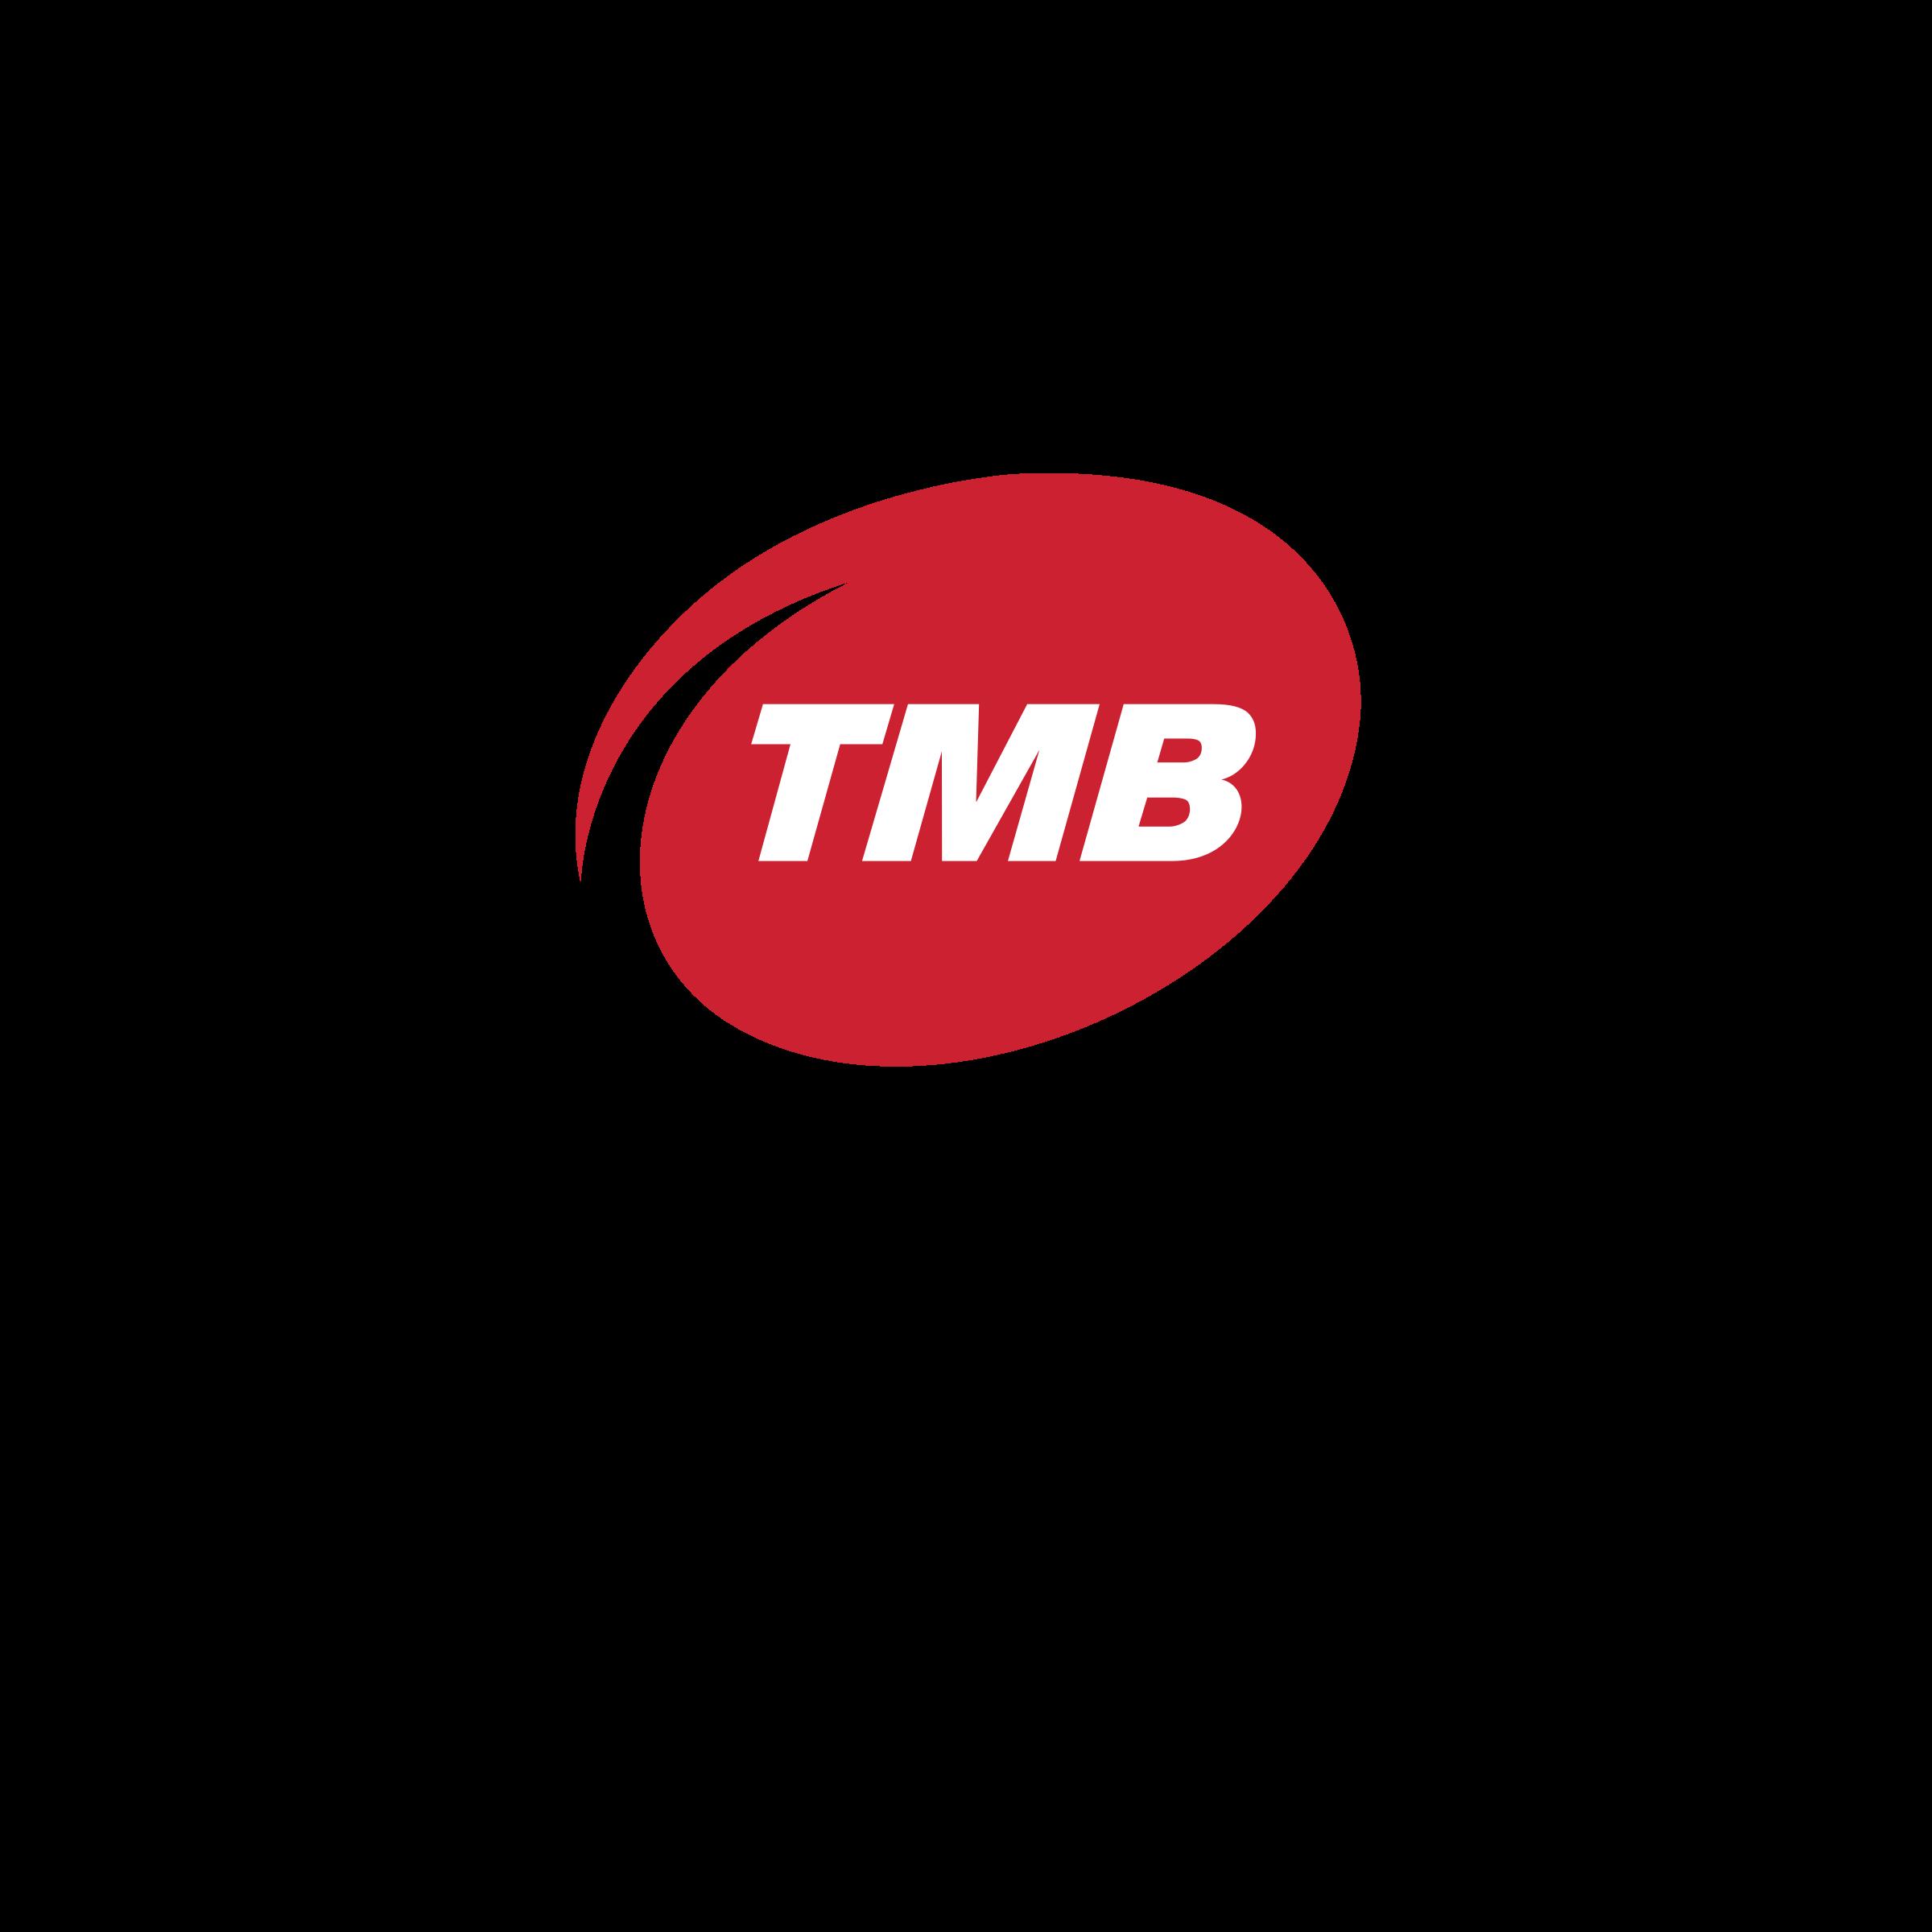 tmb-logo-png-transparent